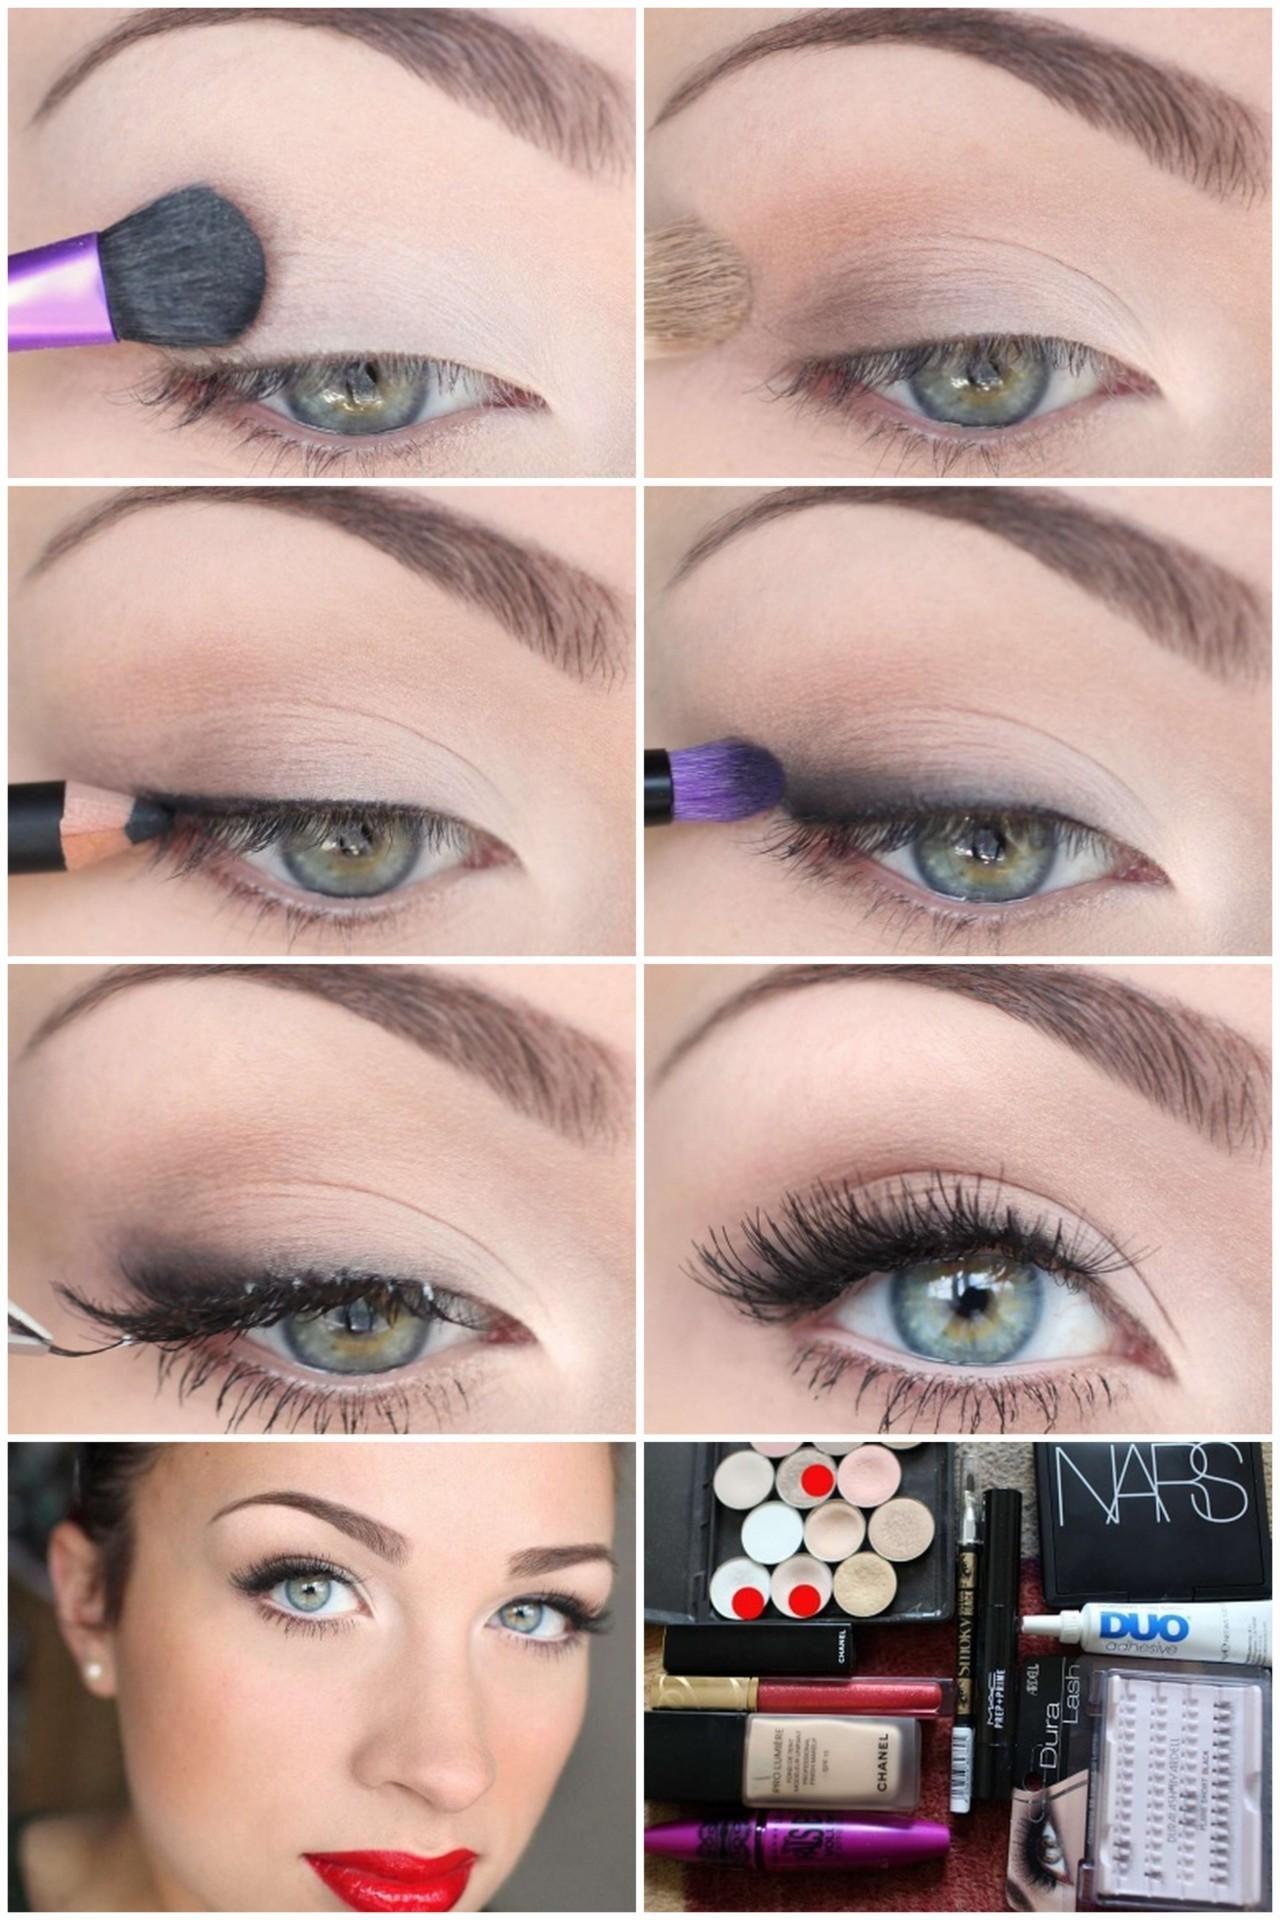 Makeup Tips Beauty Tips Eye Makeup Tutorial Eye Makeup Tips